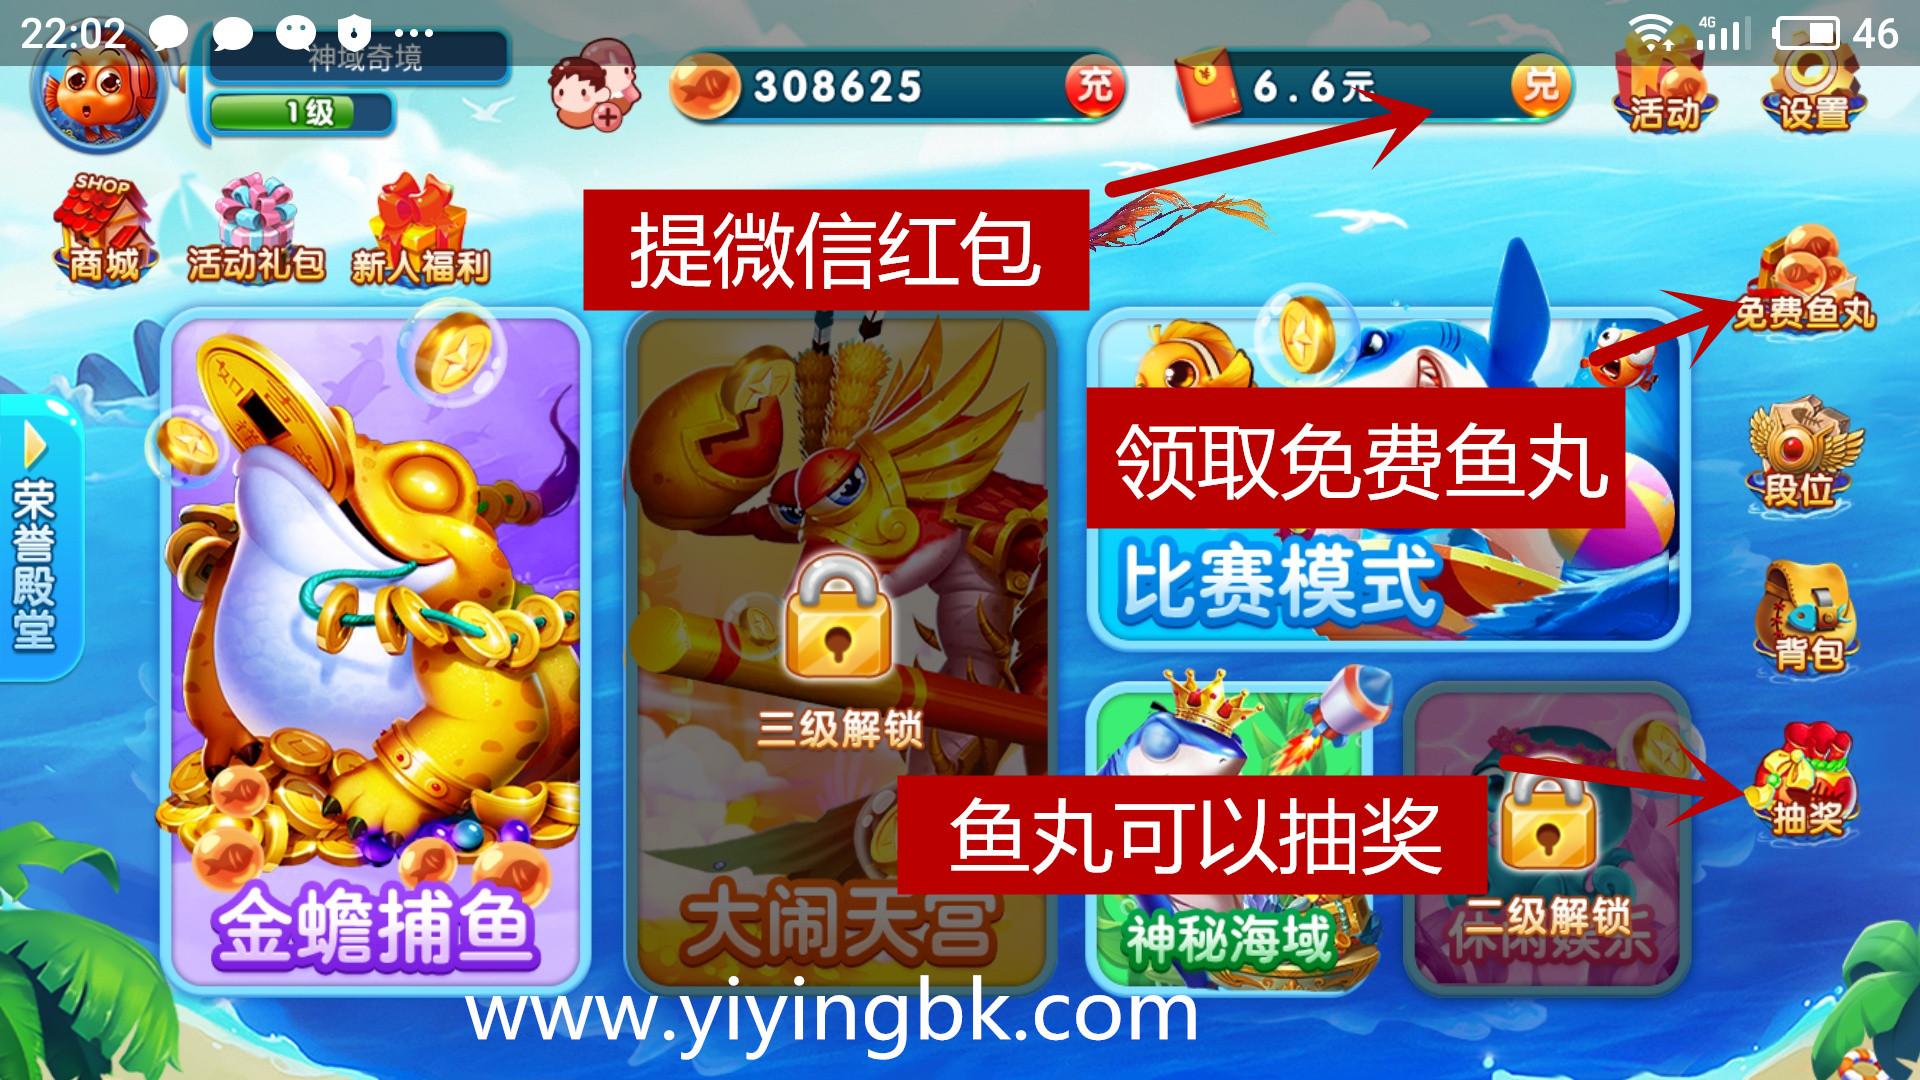 手机玩打鱼游戏领红包赚零花钱,微信提现支付秒到账。